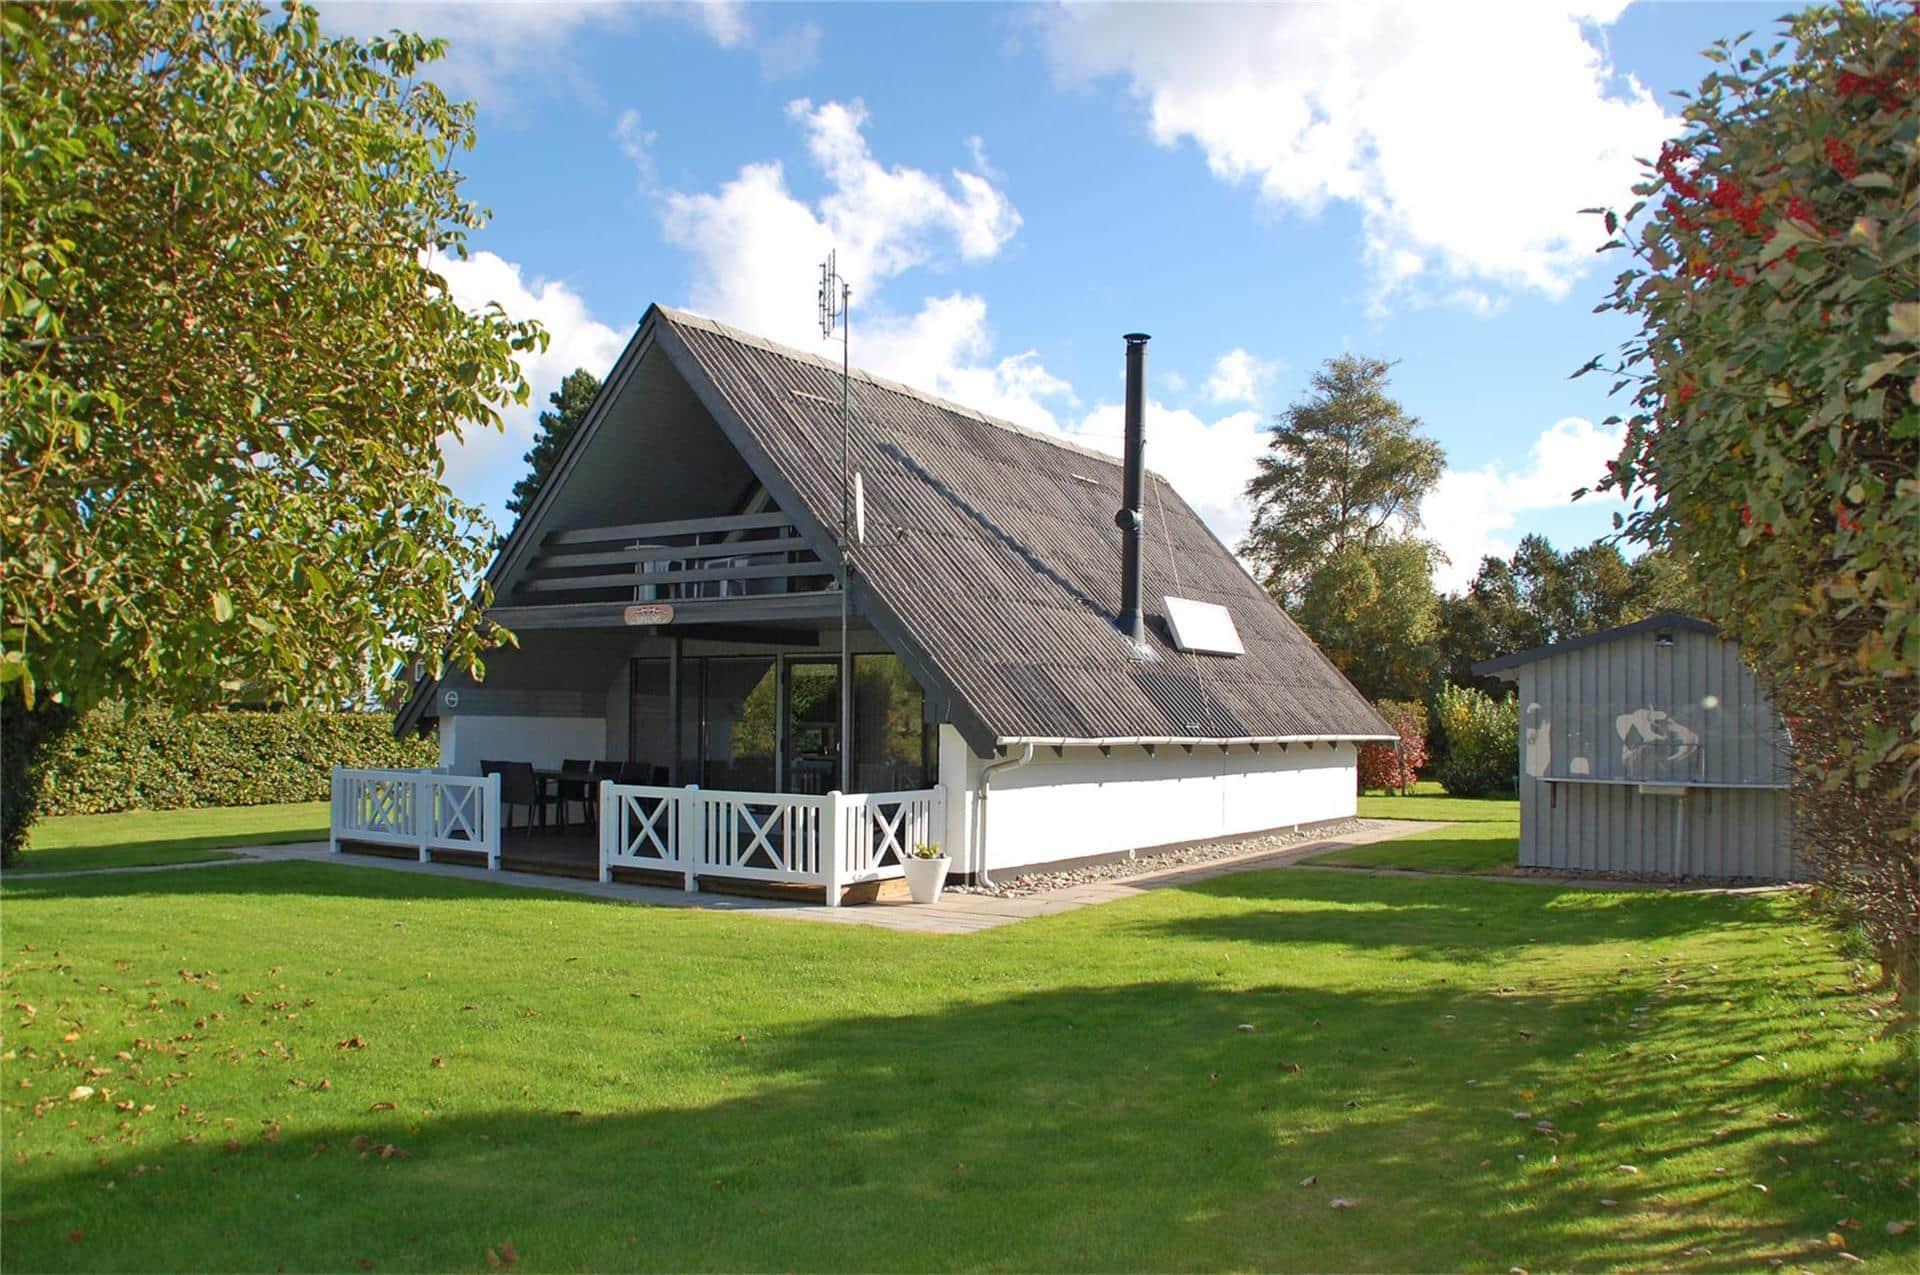 Bild 1-3 Ferienhaus M67373, Slåvænget 18, DK - 5932 Humble